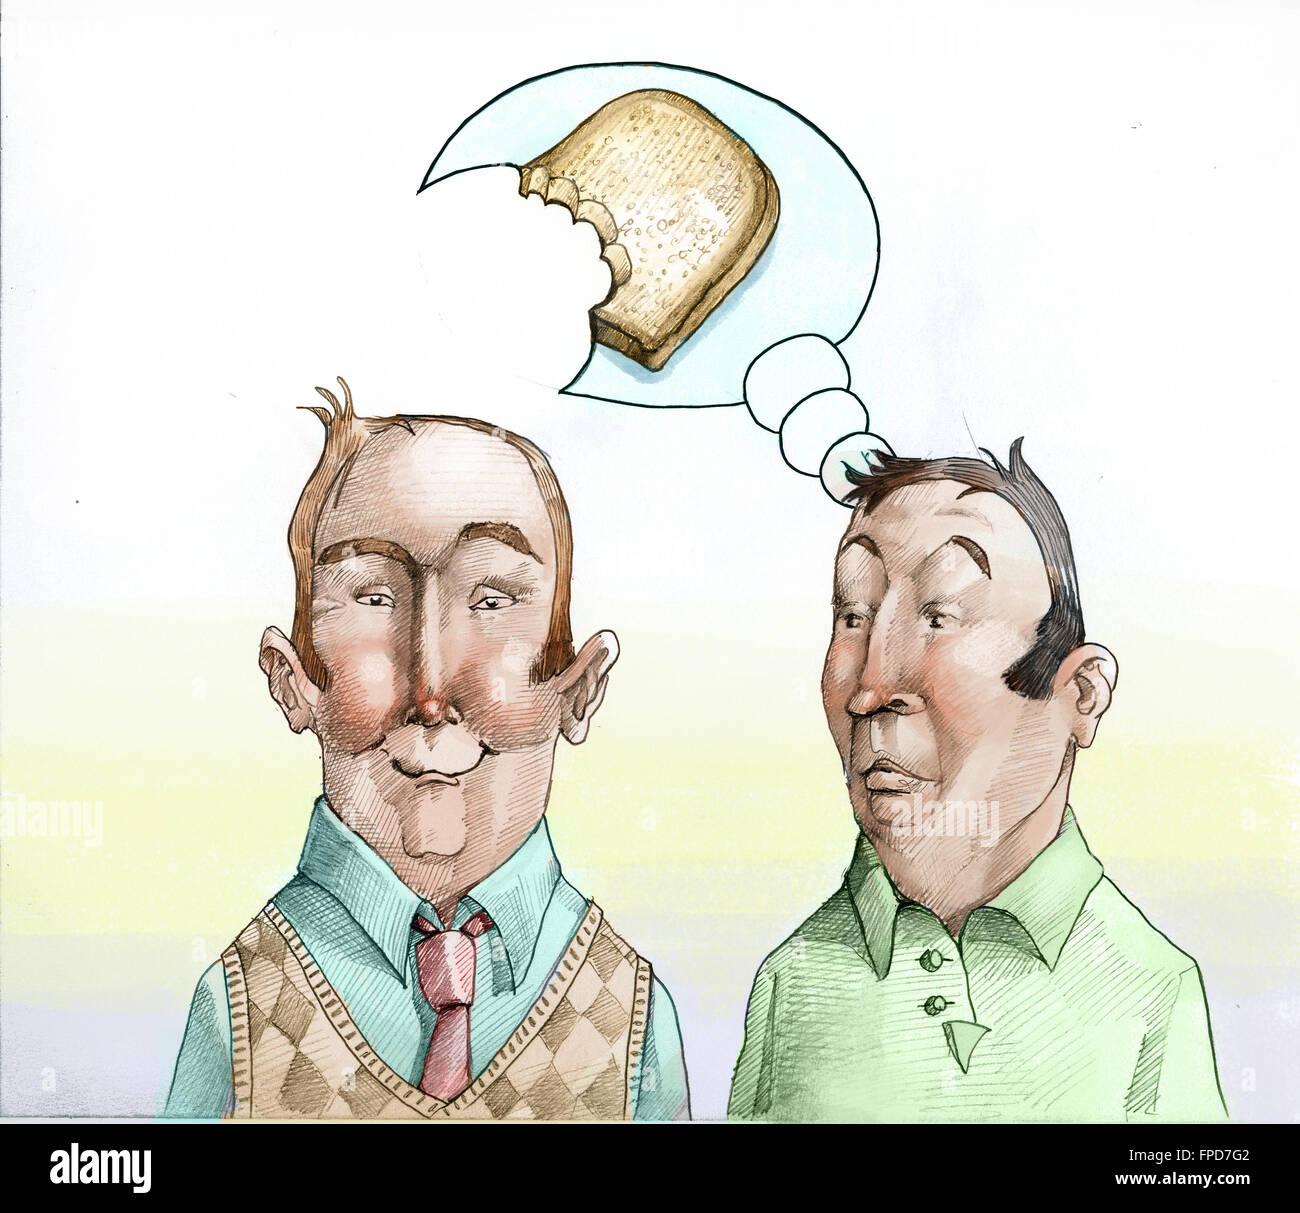 Deux hommes vu dans le visage, on imagine une tranche de pain, l'autre prend une bouchée à cette pensée Photo Stock